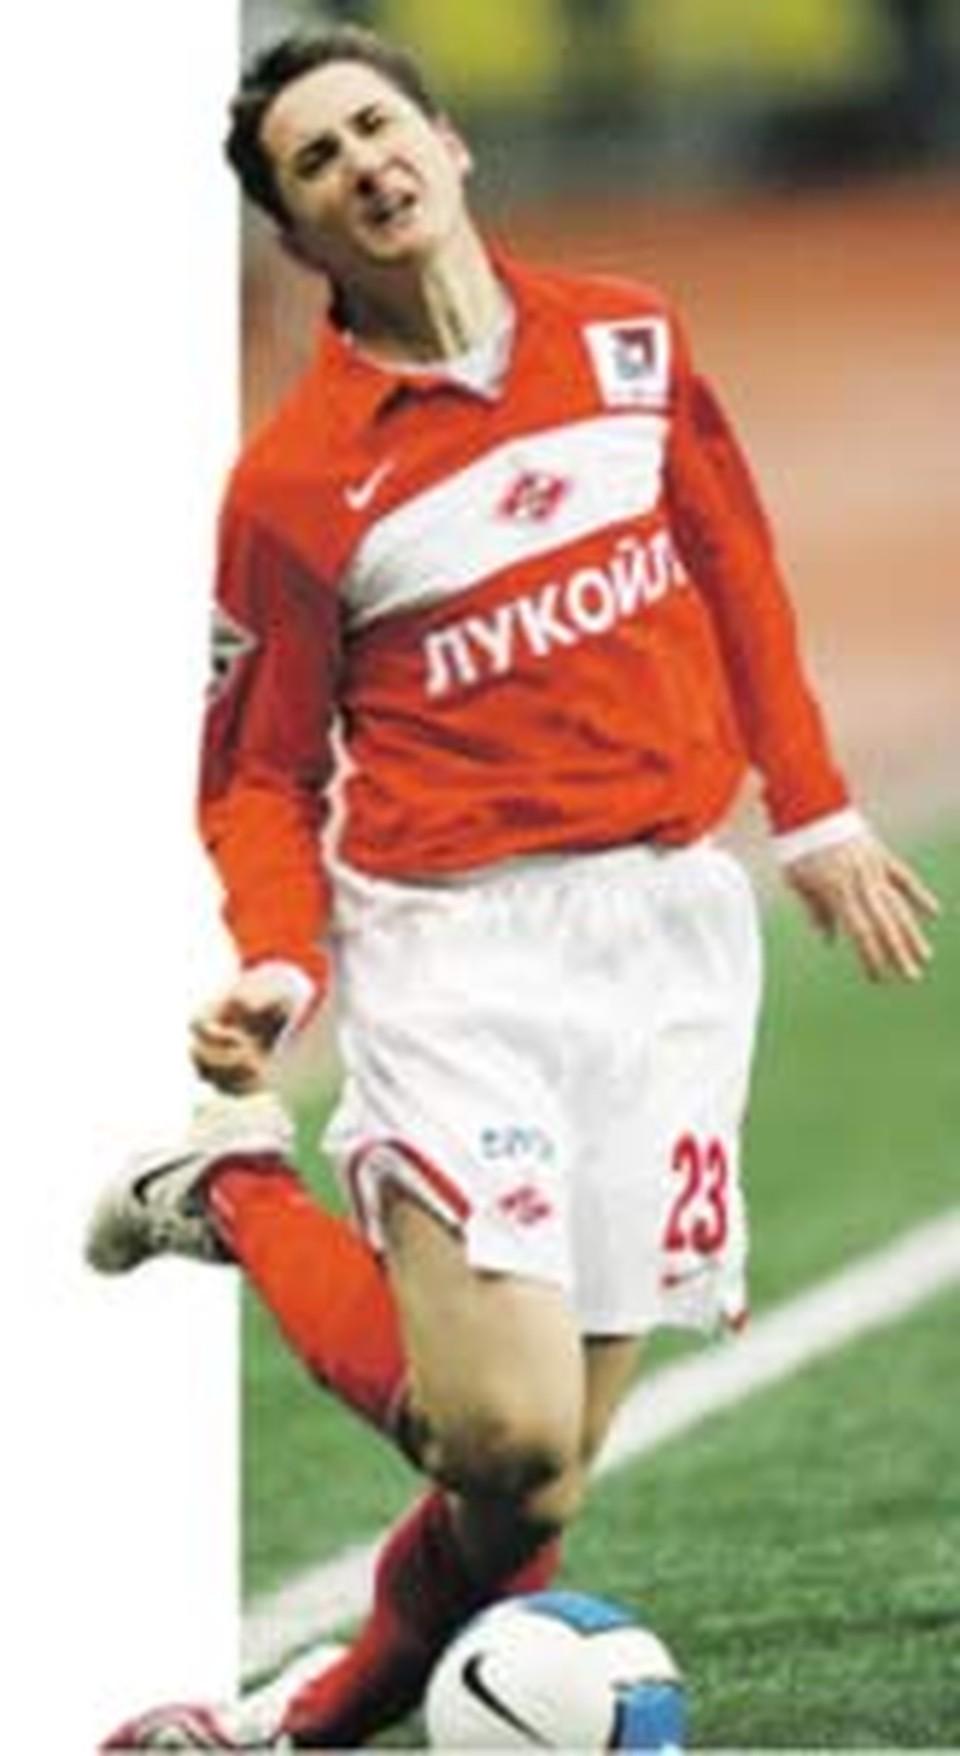 Воспоминания о последних матчах «Спартака» вызывают у Быстрова боль. Вылечат ли их игры сборной?